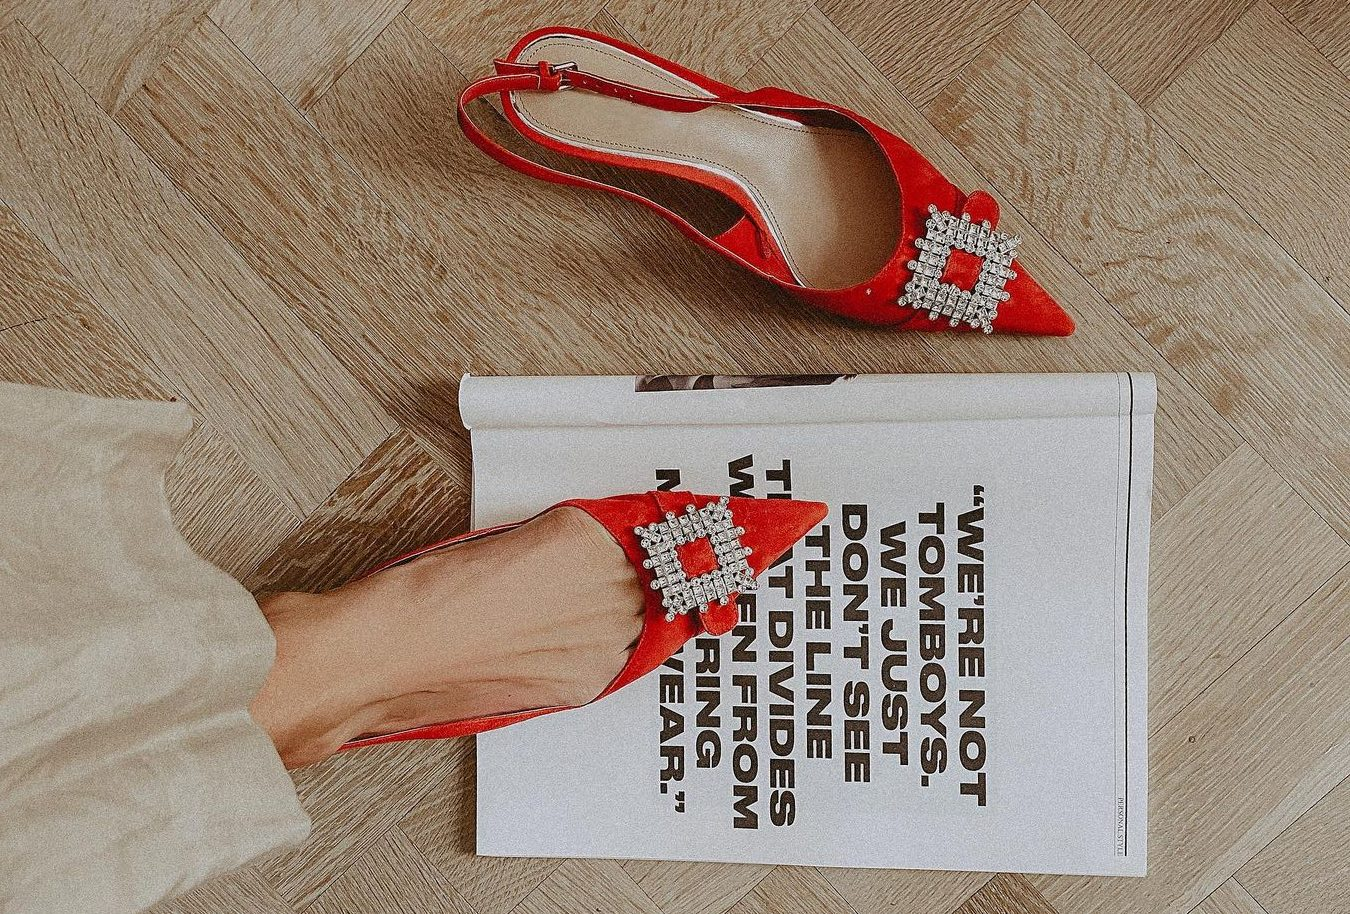 10φλατ παπούτσια για στυλ στα ύψη χωρίς πόνο και ταλαιπωρία!